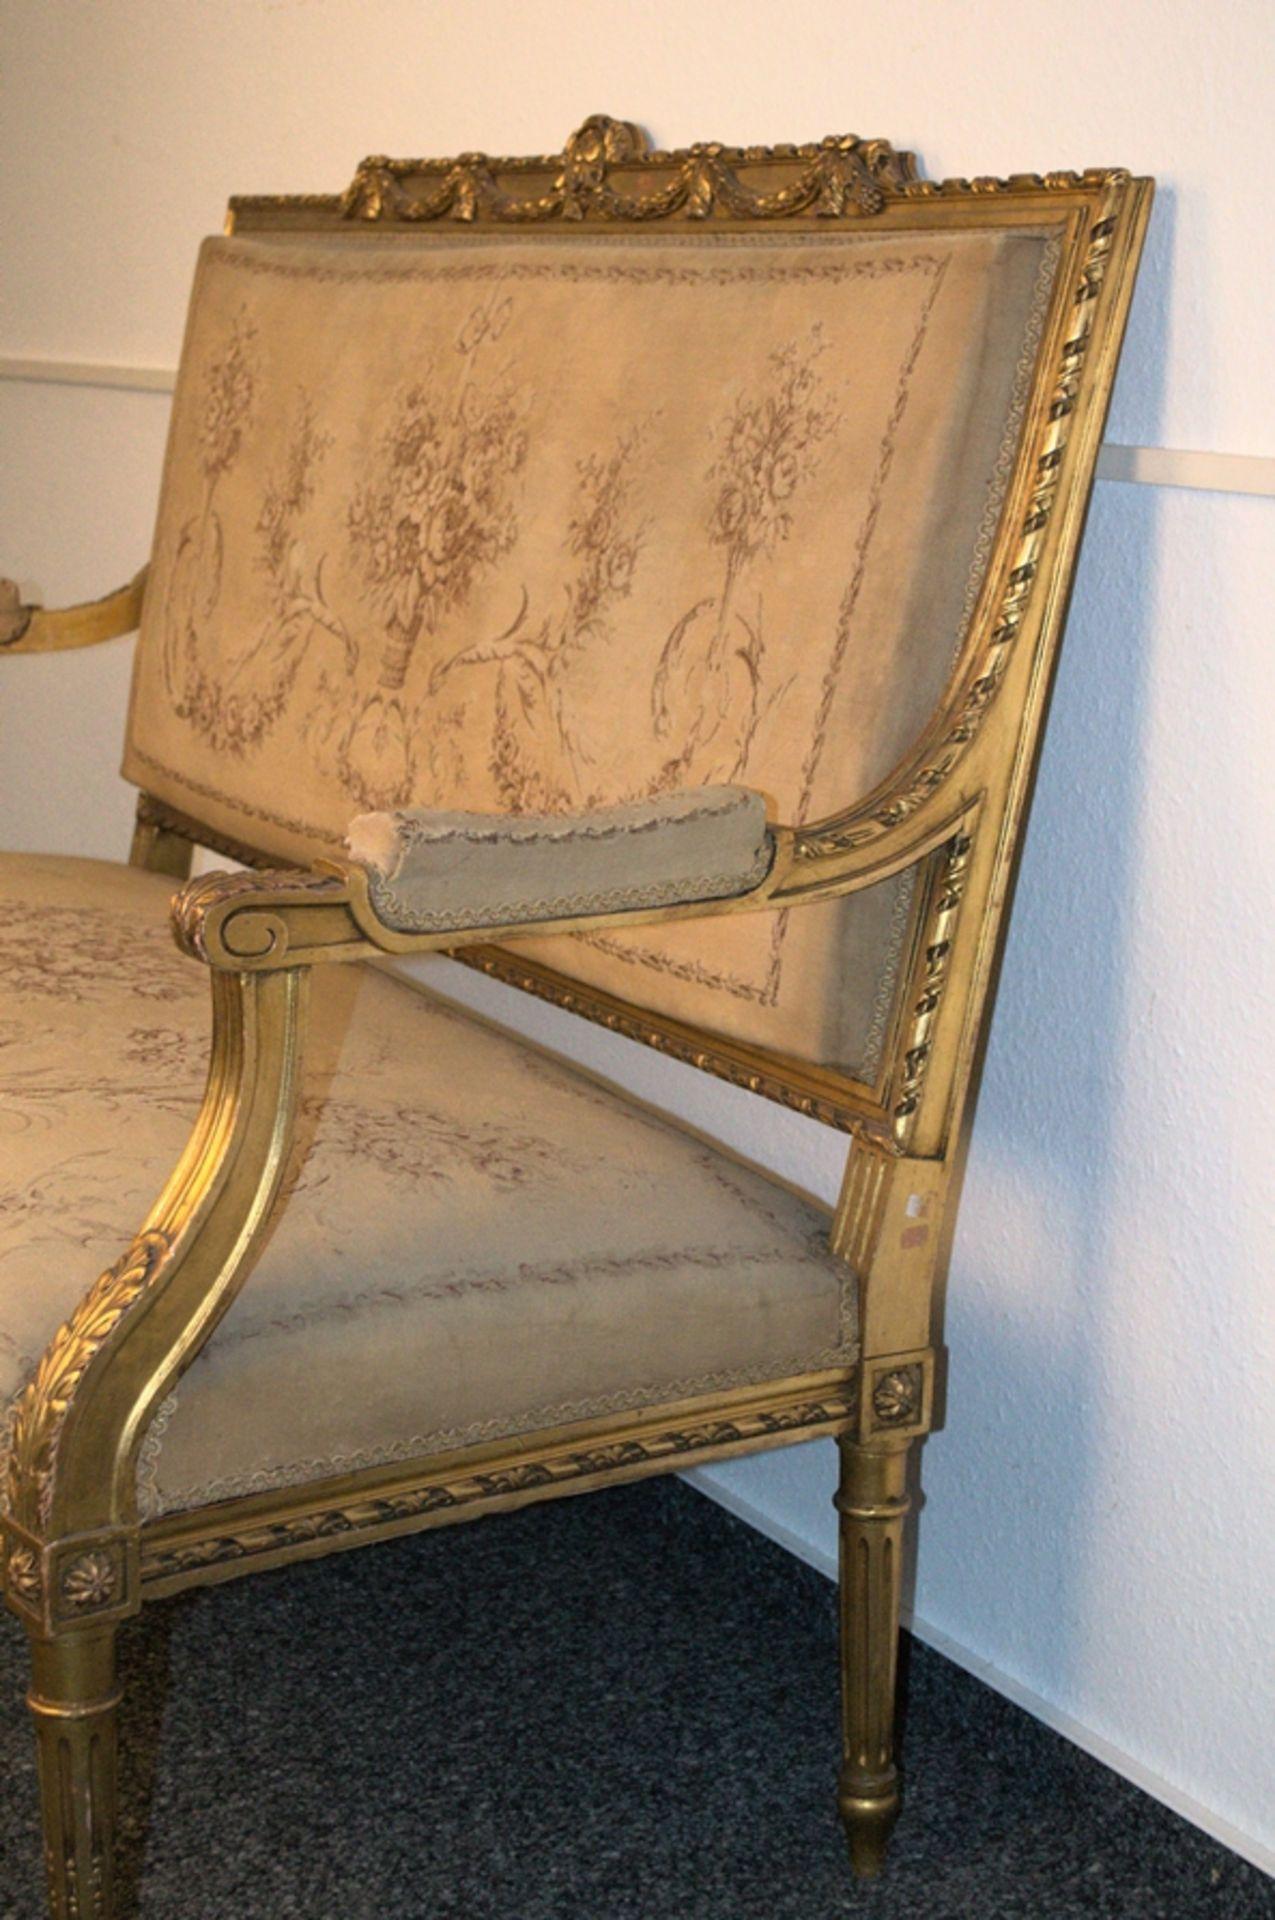 Prachtvolles Kanapee, Louis XVI-Stil, Frankreich um 1890. Zweisitzige, gepolsterte Sitzbank, - Bild 11 aus 12